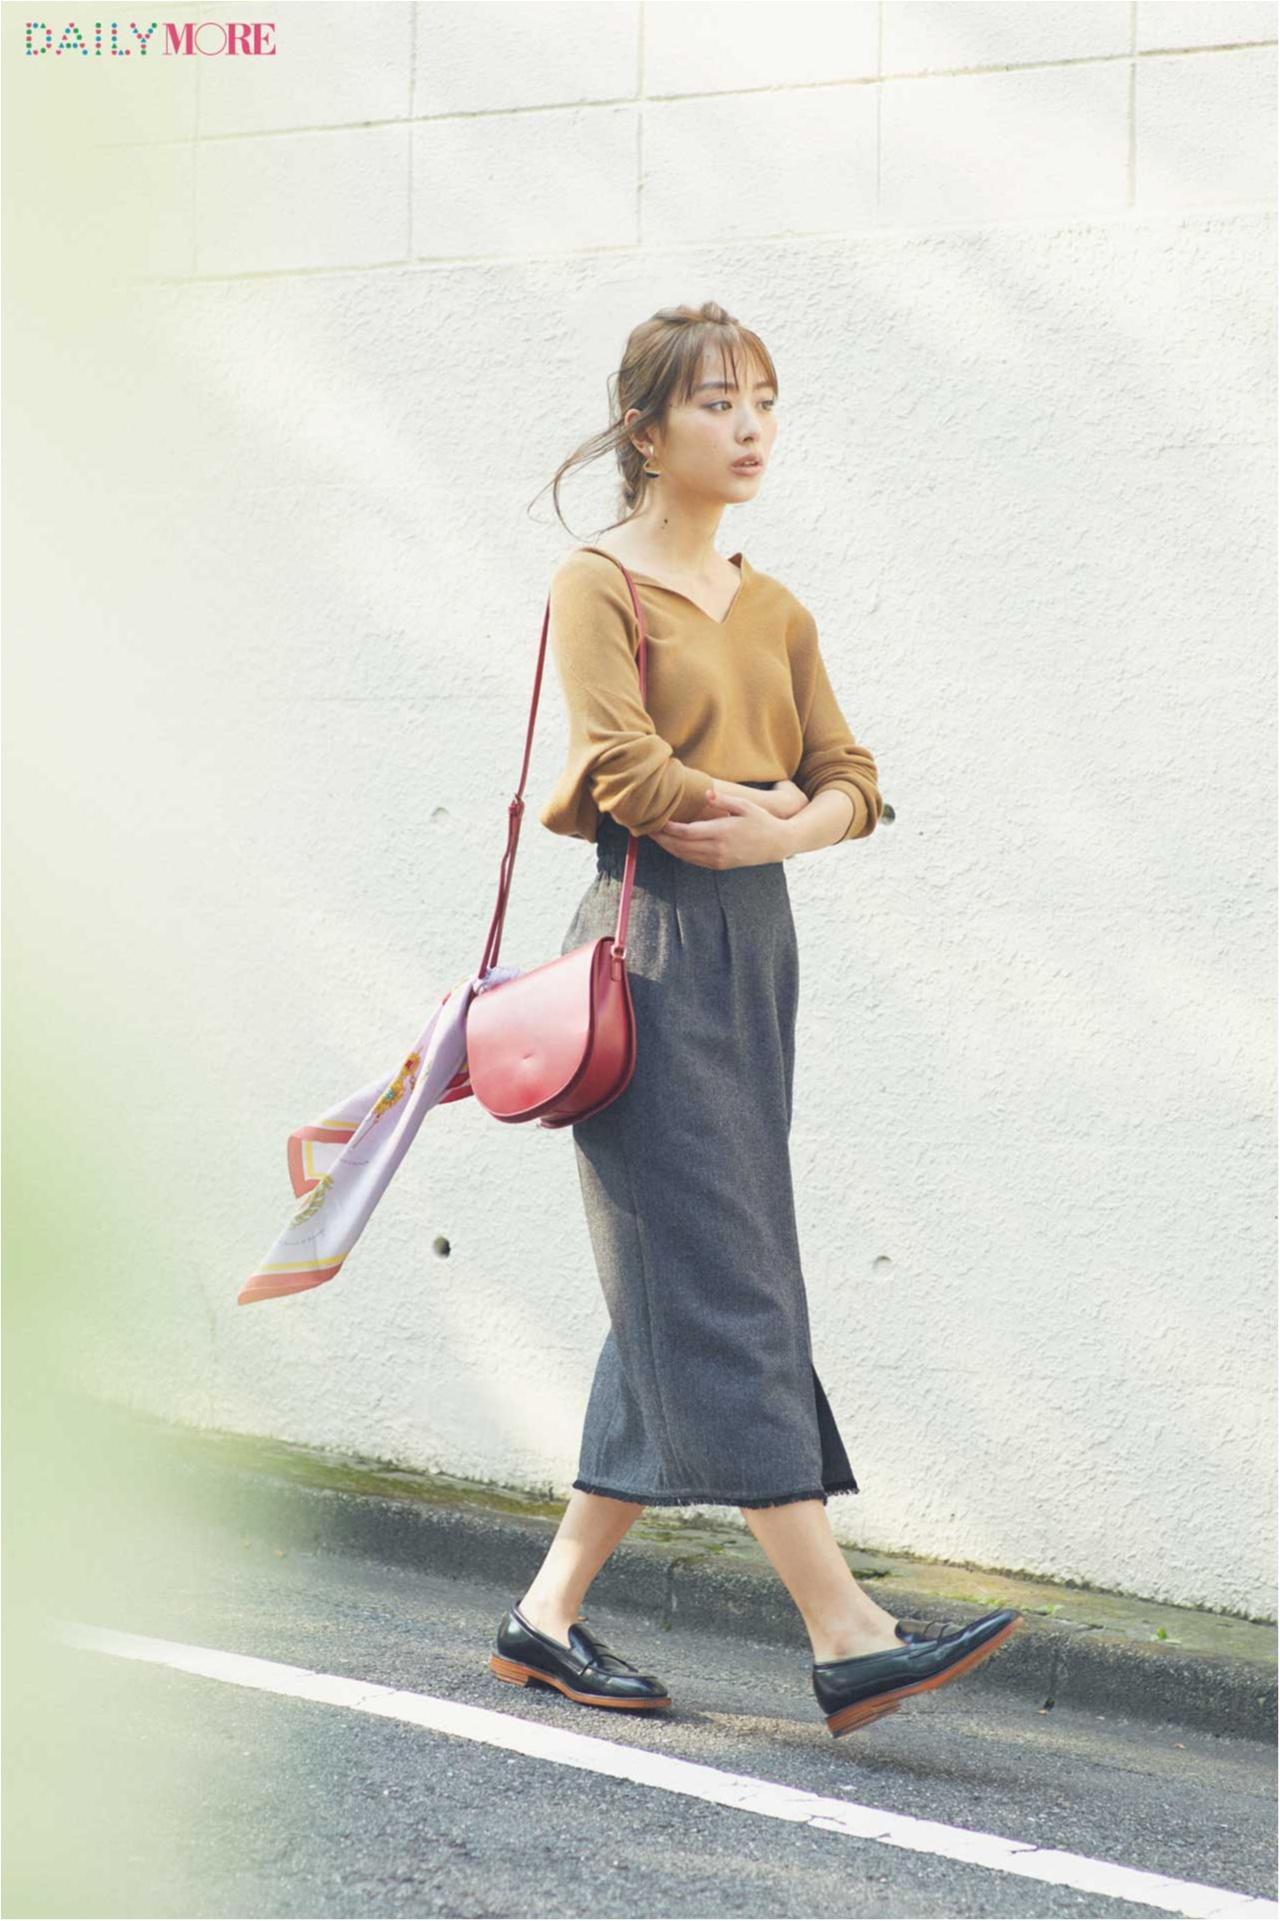 【今日のコーデ/内田理央】辛口なタイトスカートを可愛く着たい日は、さりげない肌見せでスキを作る!_1